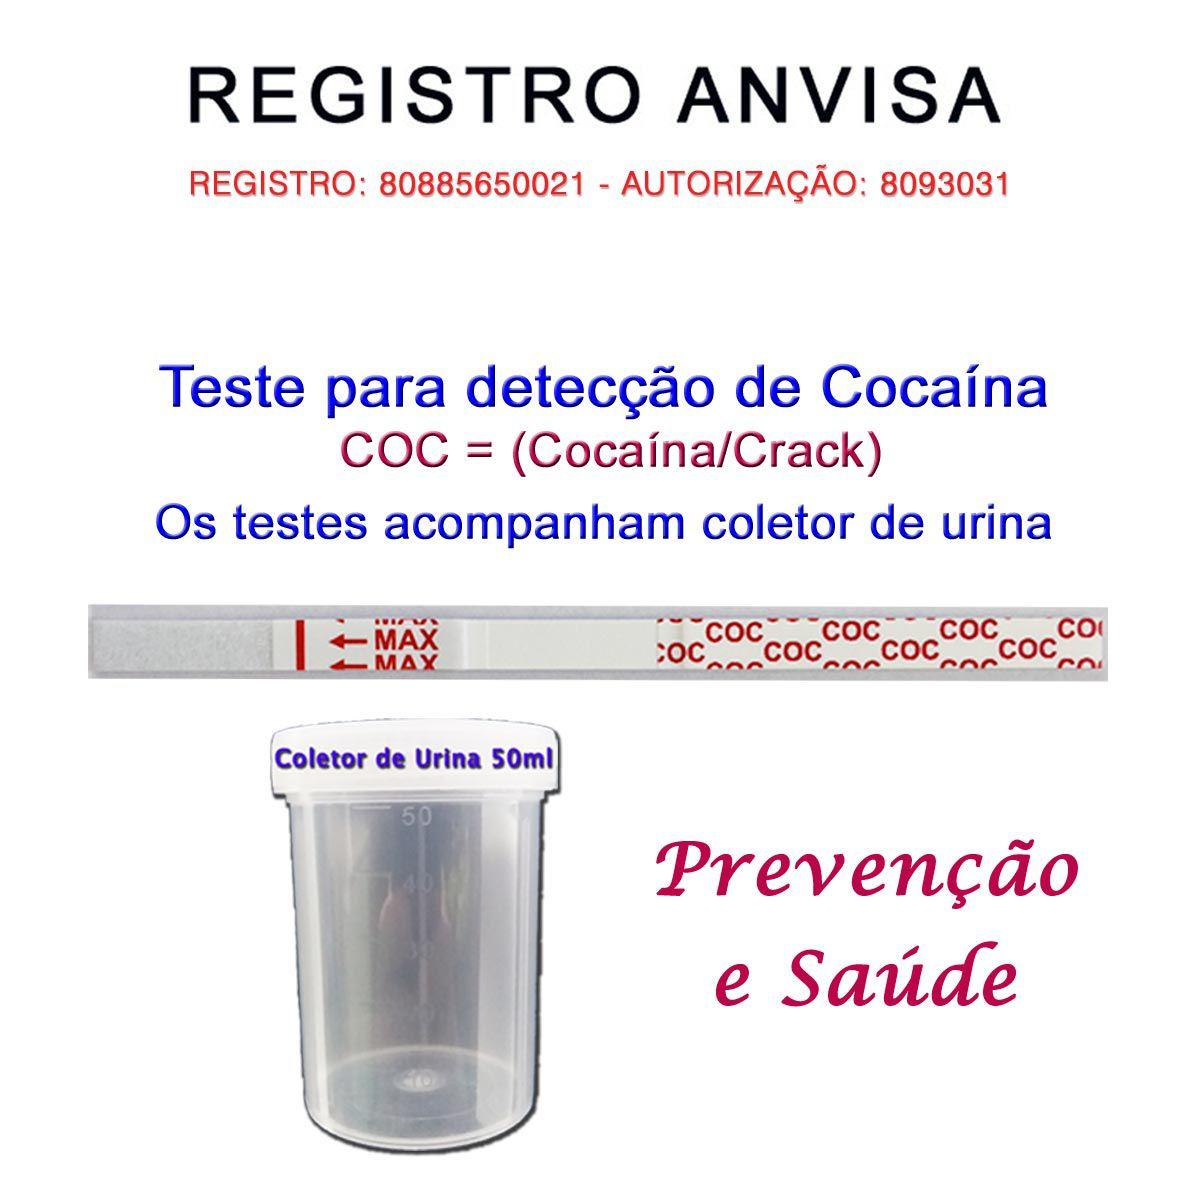 01 Kit para teste de COC-CRACK  - Prevenção e Saúde